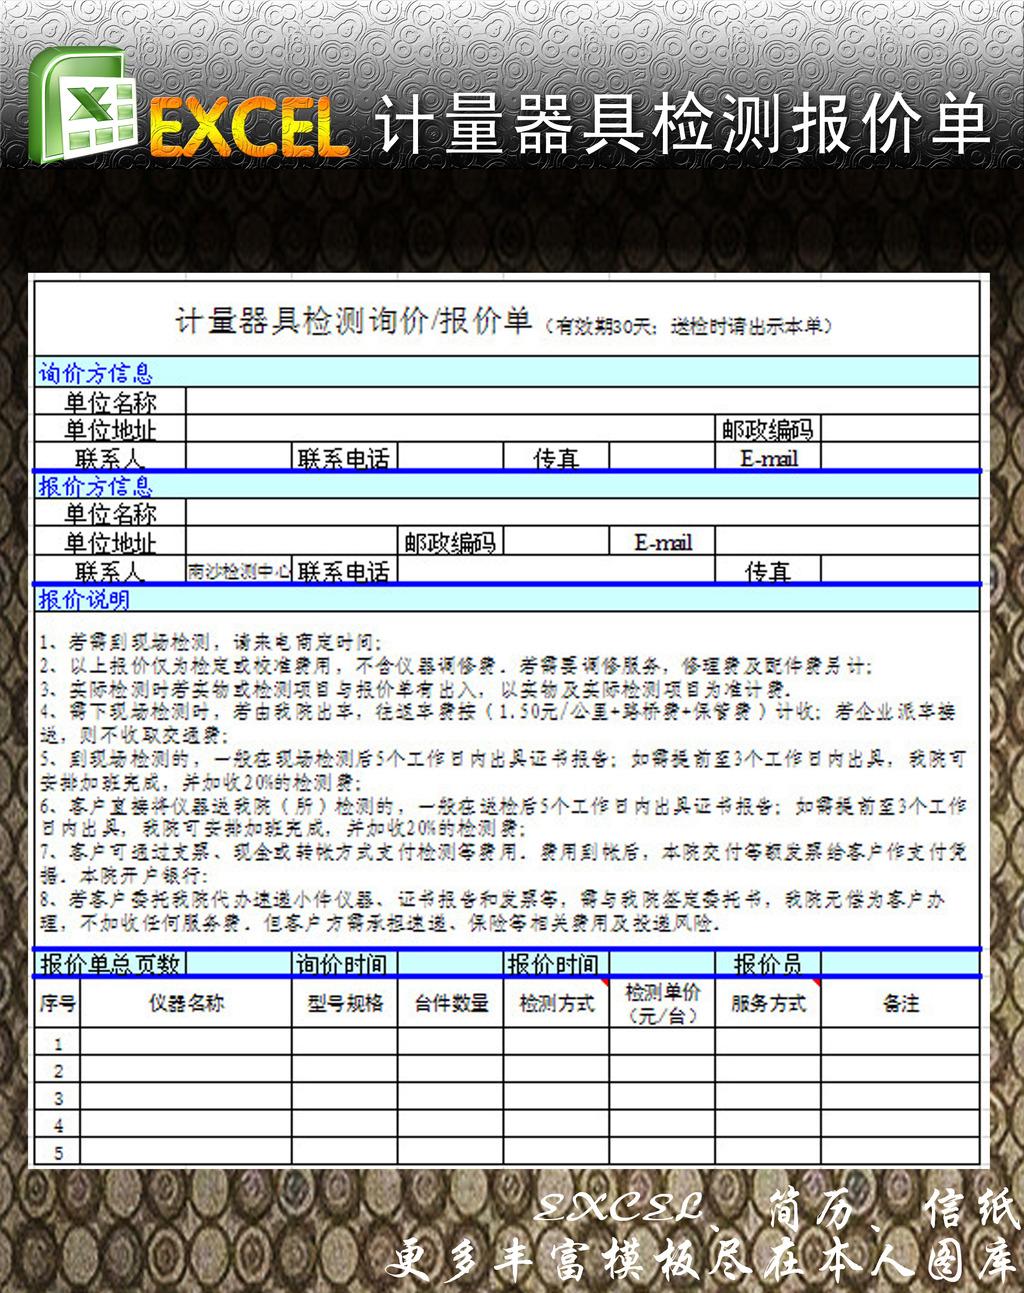 计量器具检测报价单excel模板模板下载(图片编号:)